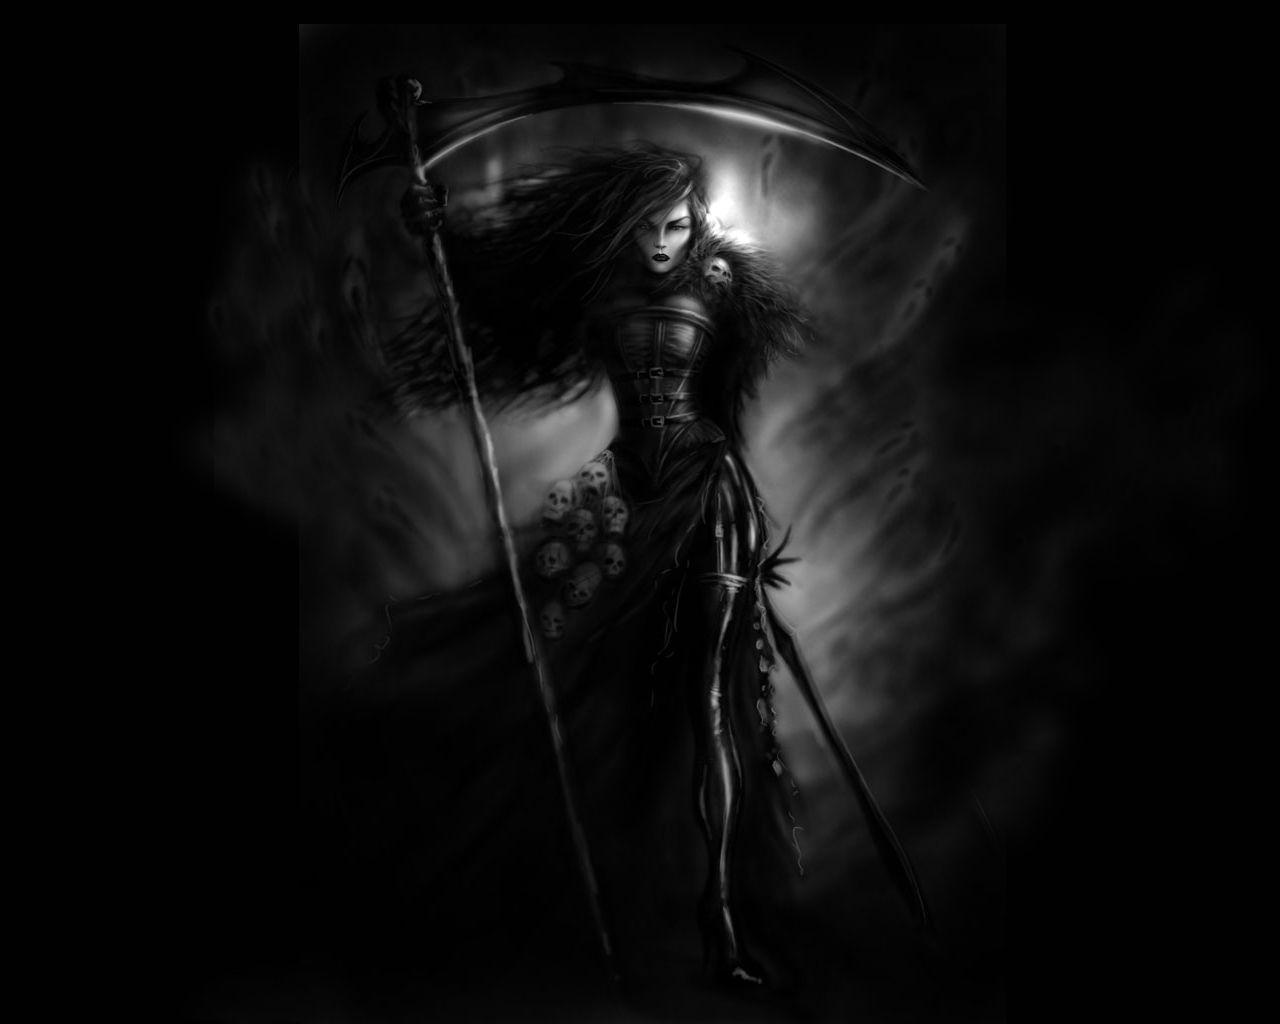 Dark Grim Reaper Wallpapers Wallpaper